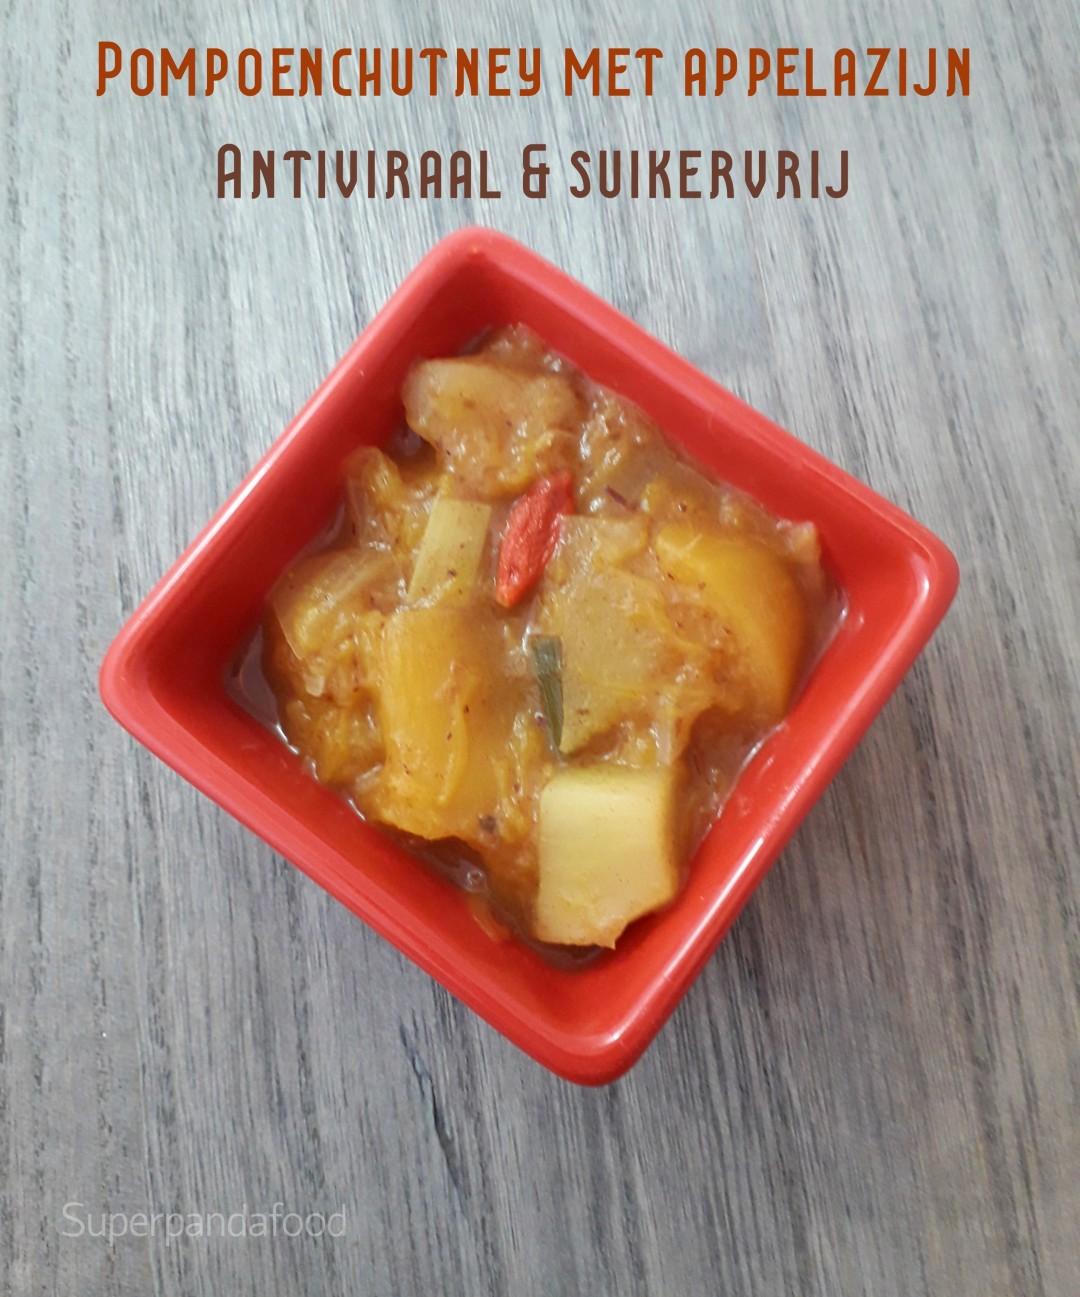 Pompoenchutney met appelazijn - Antiviraal en suikervrij - Superpandafood